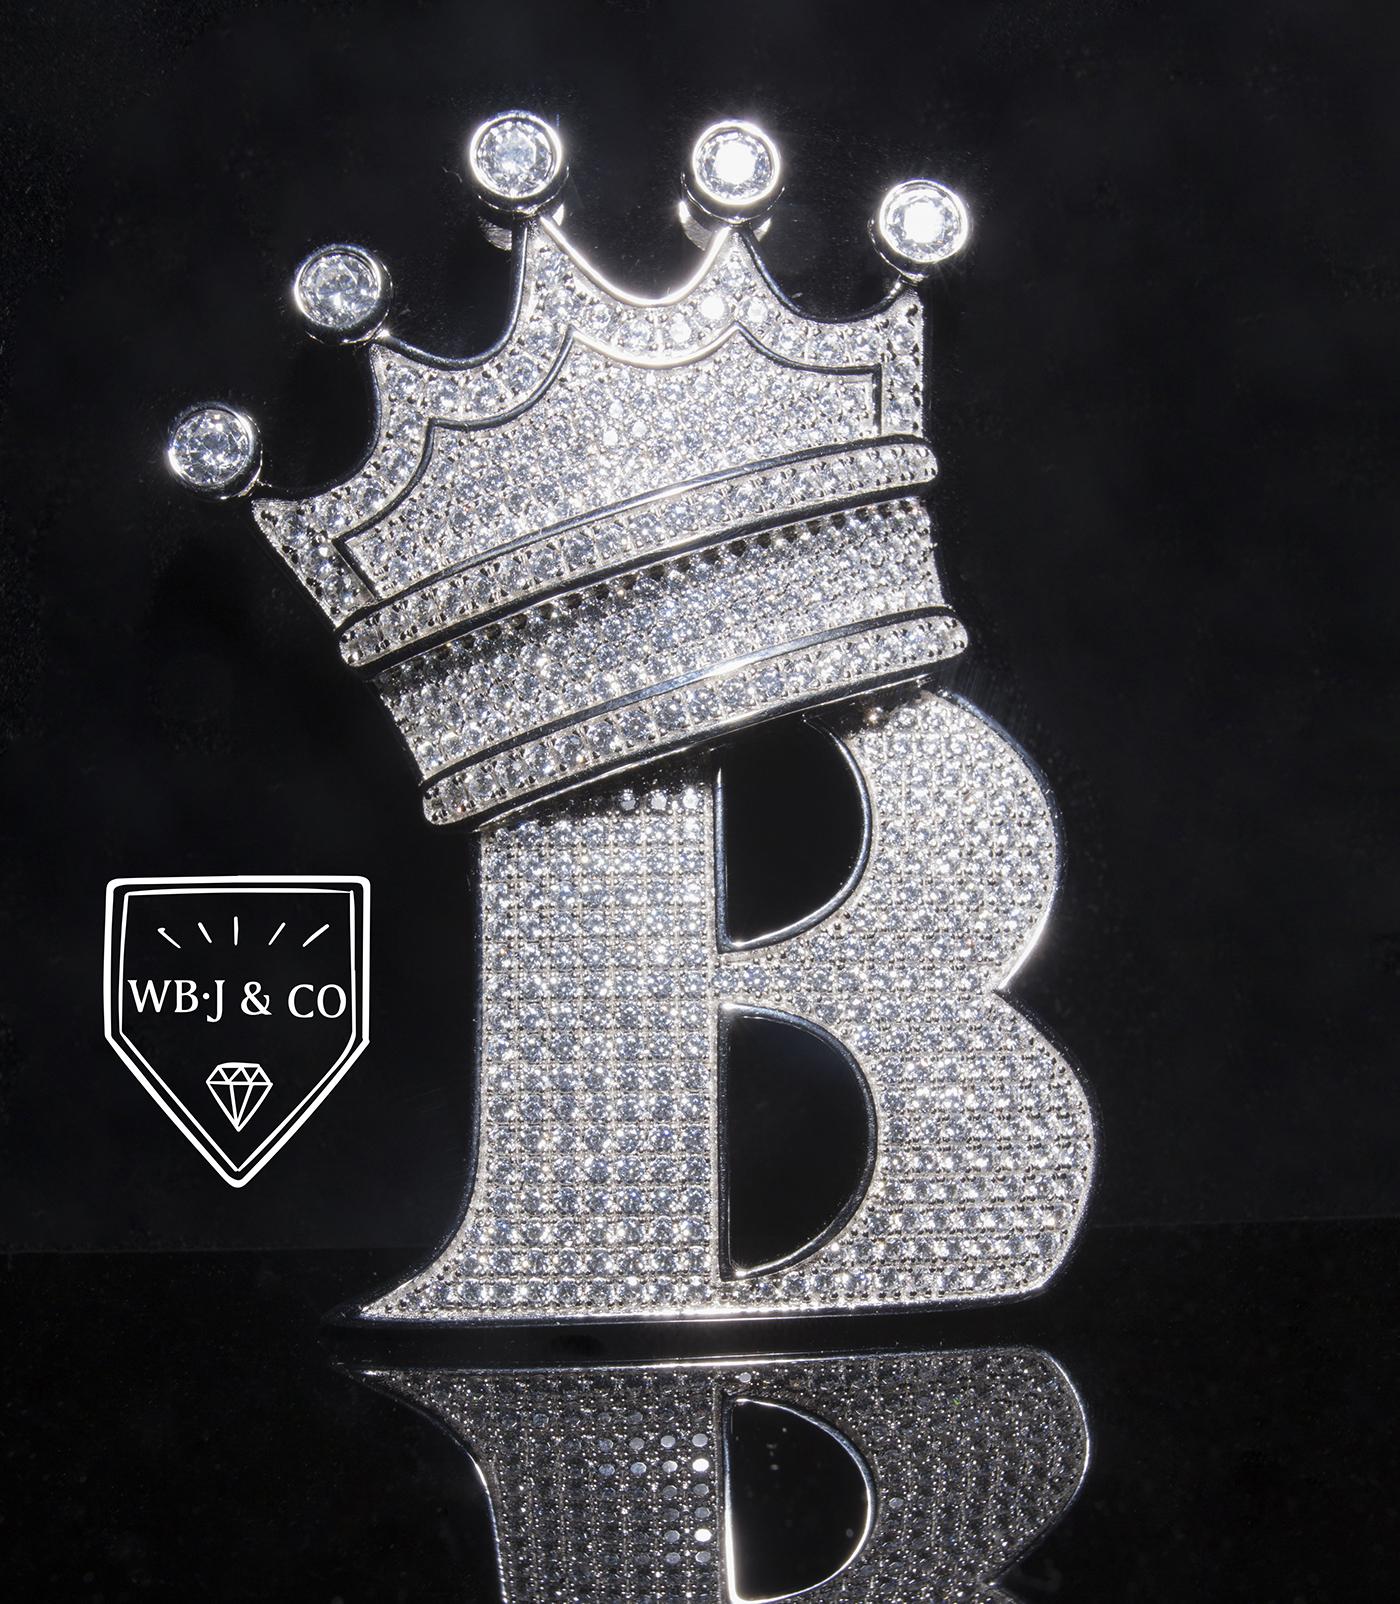 Hộp trang sức KINGBHiphop WBJcustom trang sức ngọc trang nhất